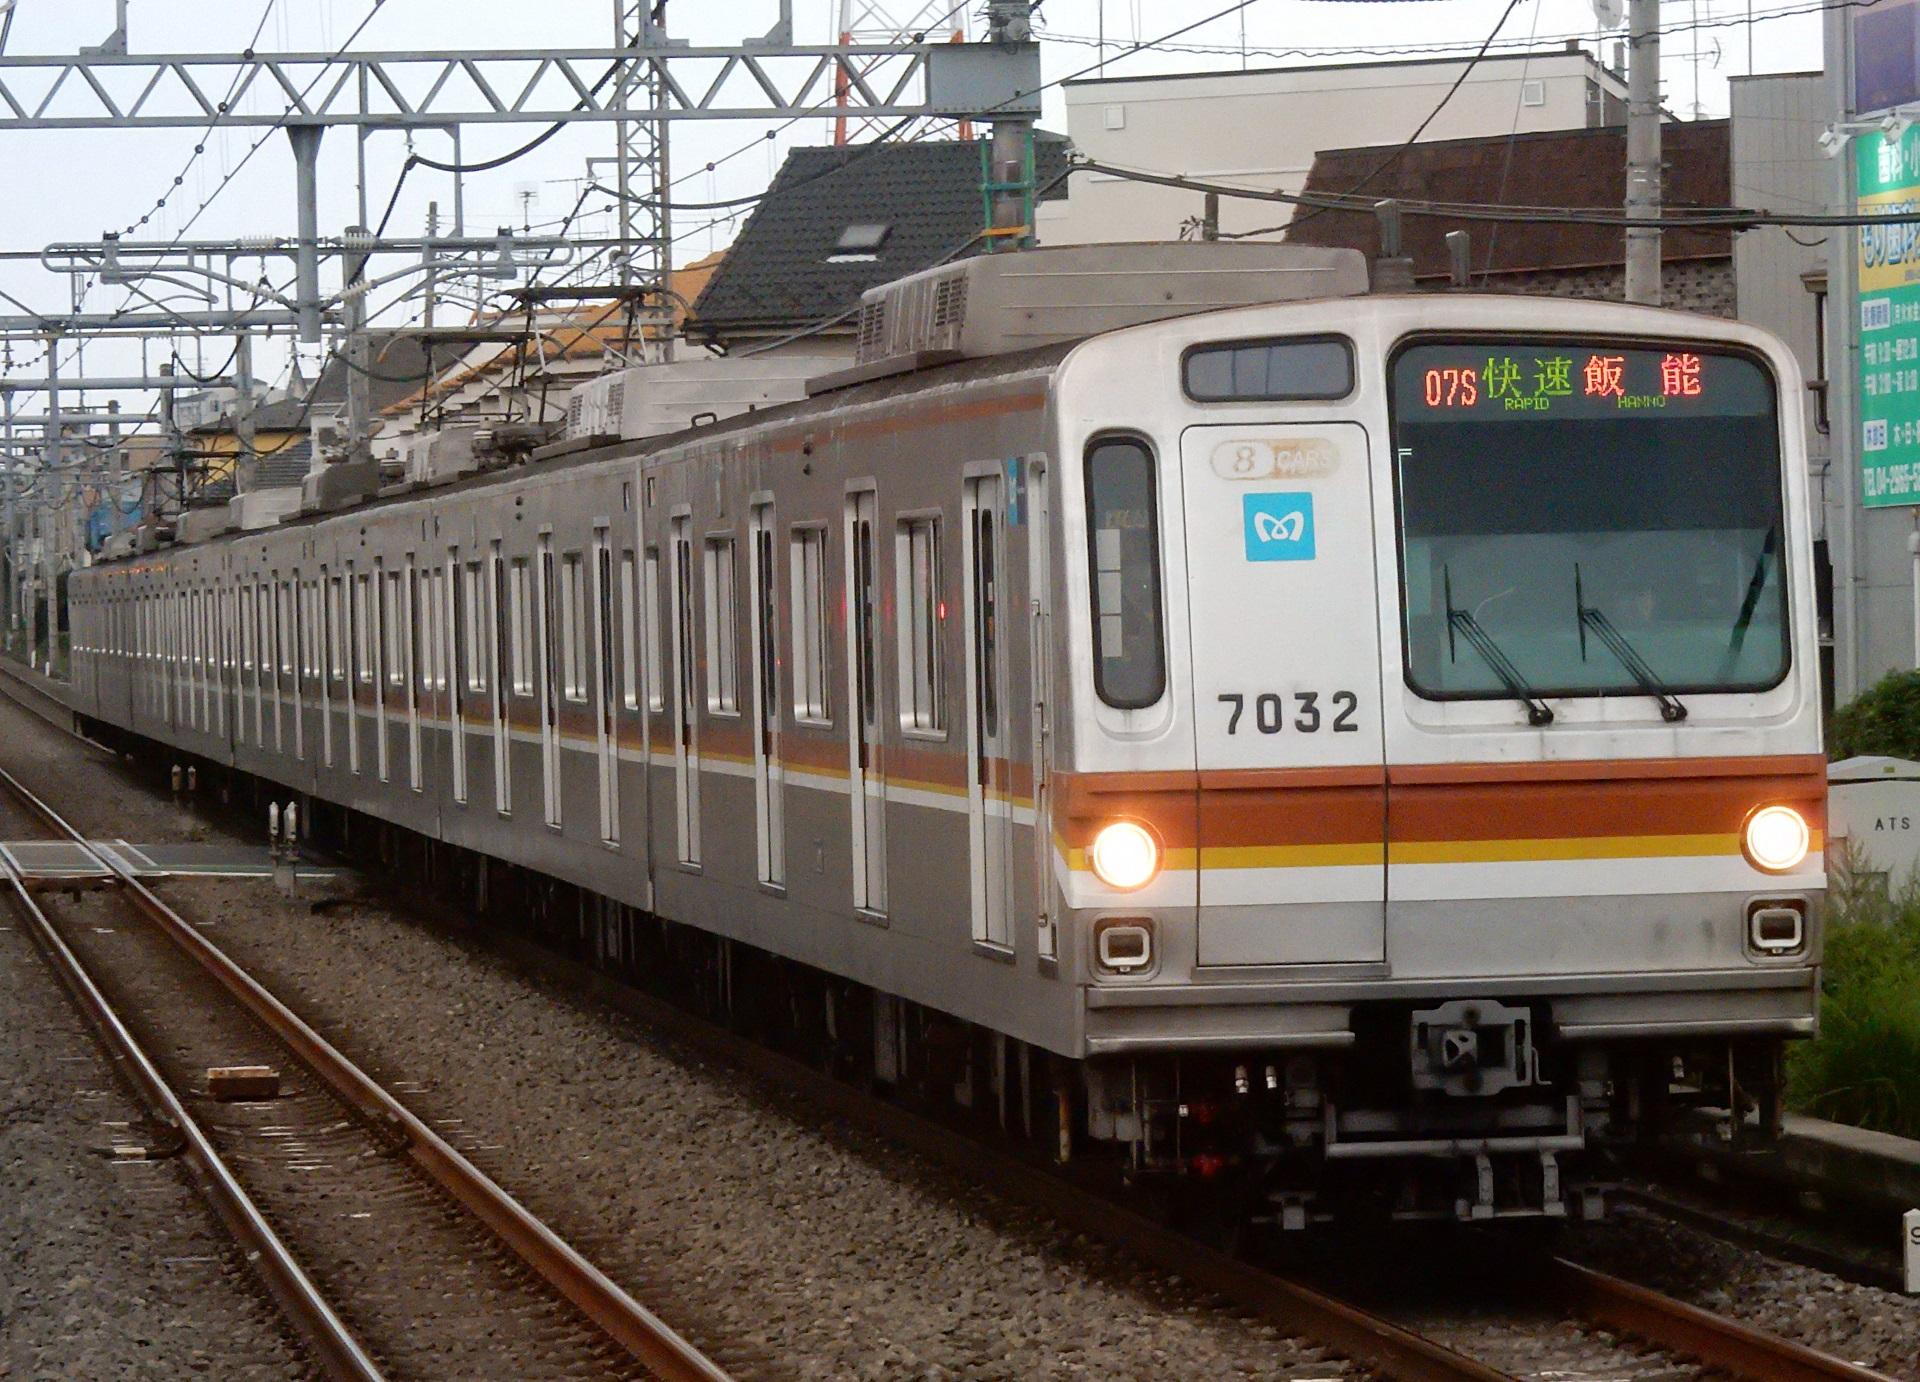 DSCN3383 - コピー